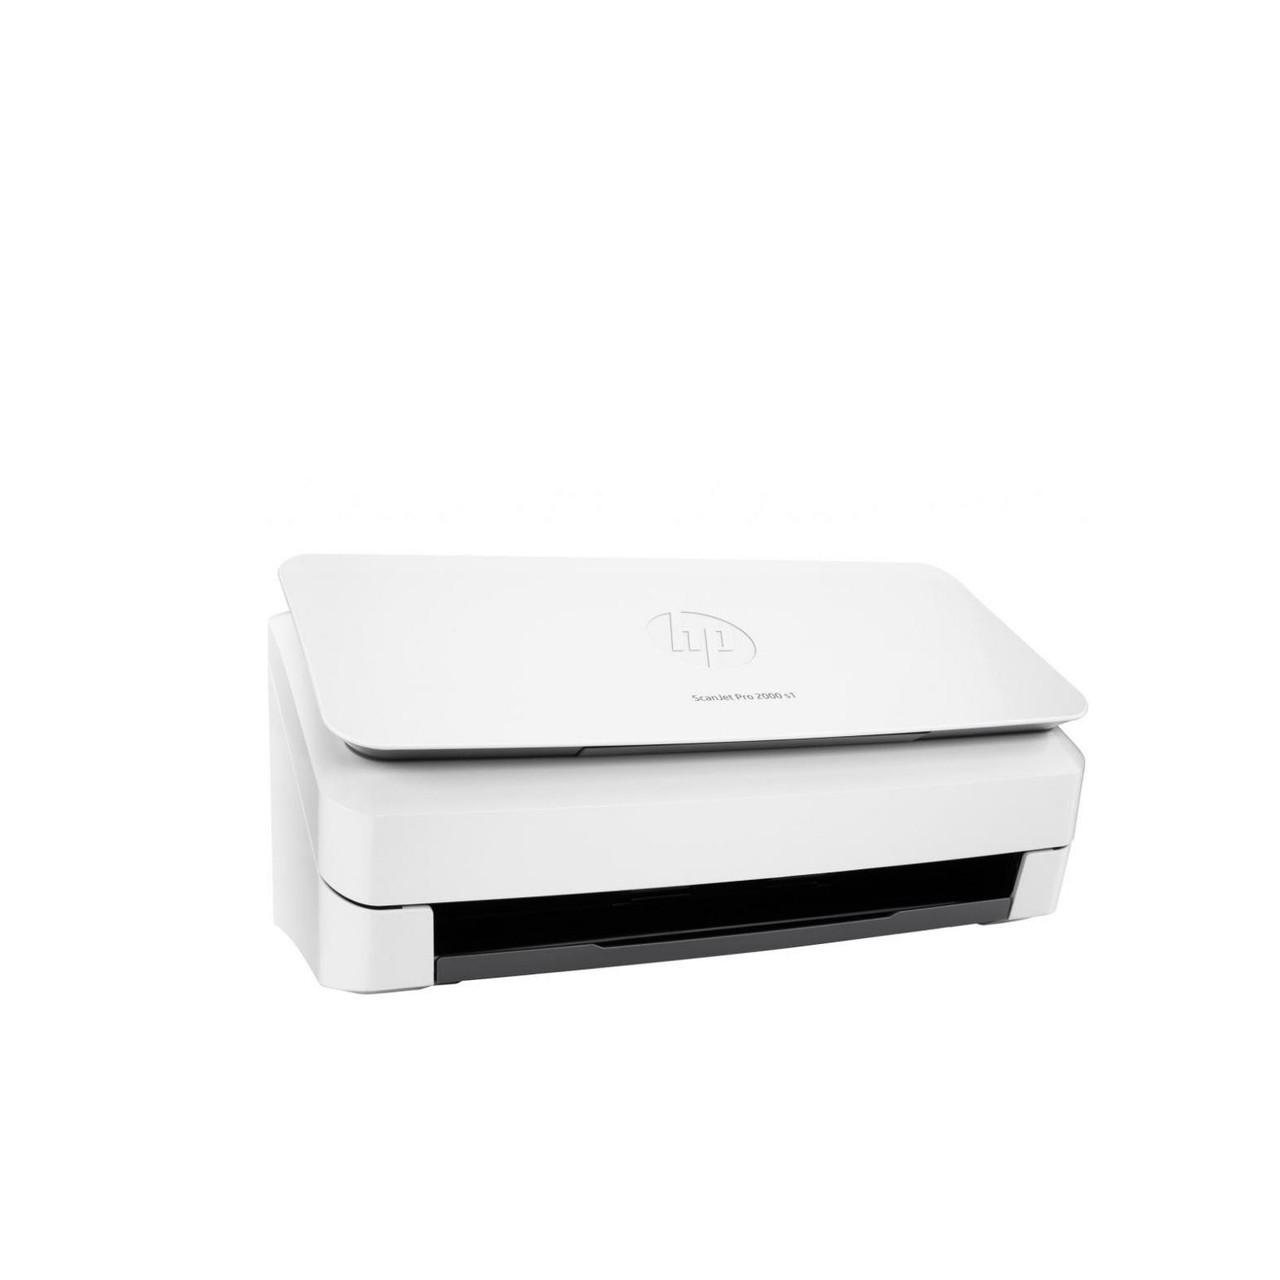 Скоростной - протяжный сканер HP ScanJet Pro 2000 S1 (А4, USB) L2759A